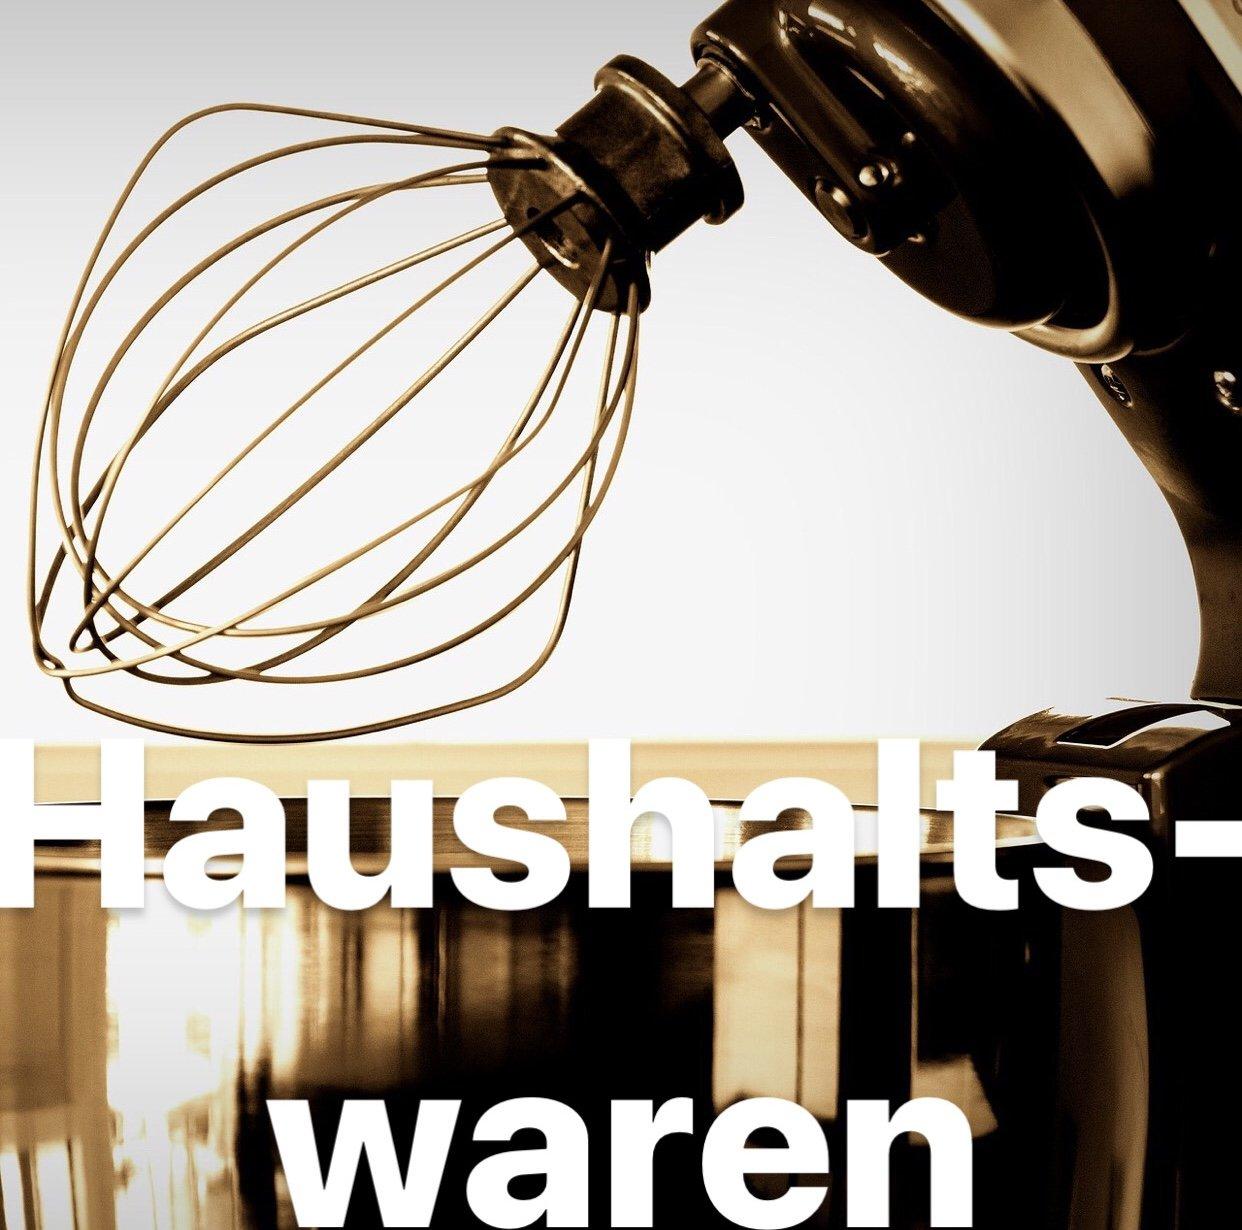 Haushaltswaren / Kitchen